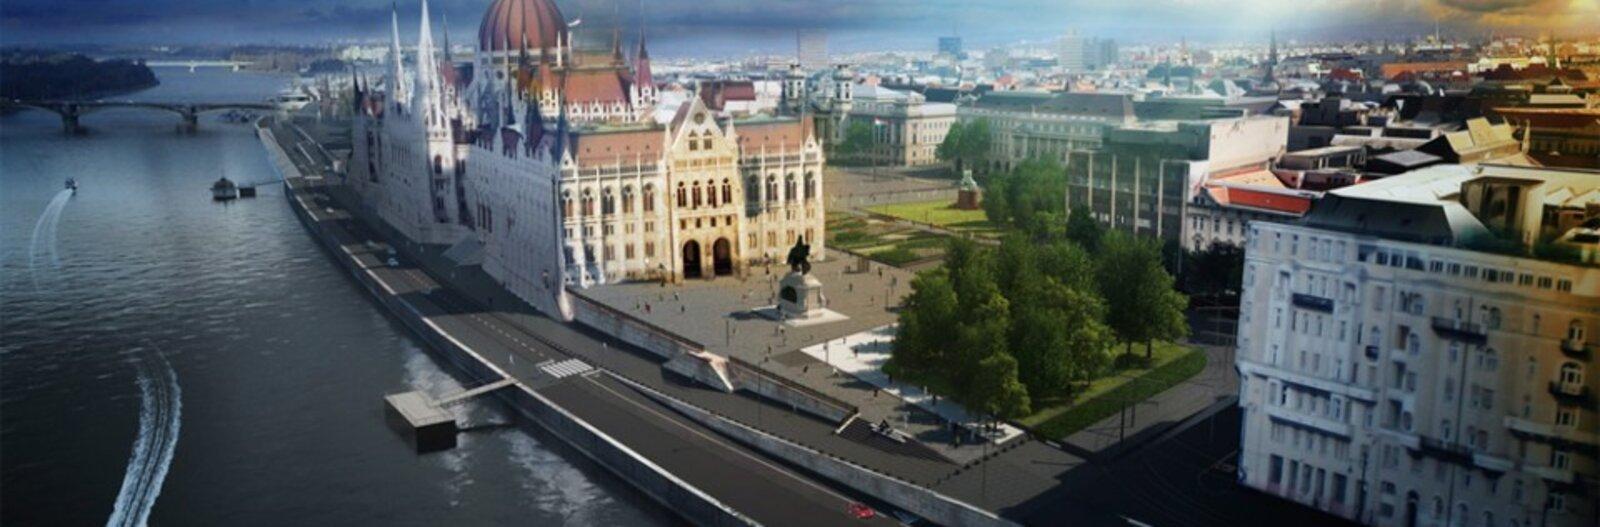 Budapest 2014: így változik a város idén